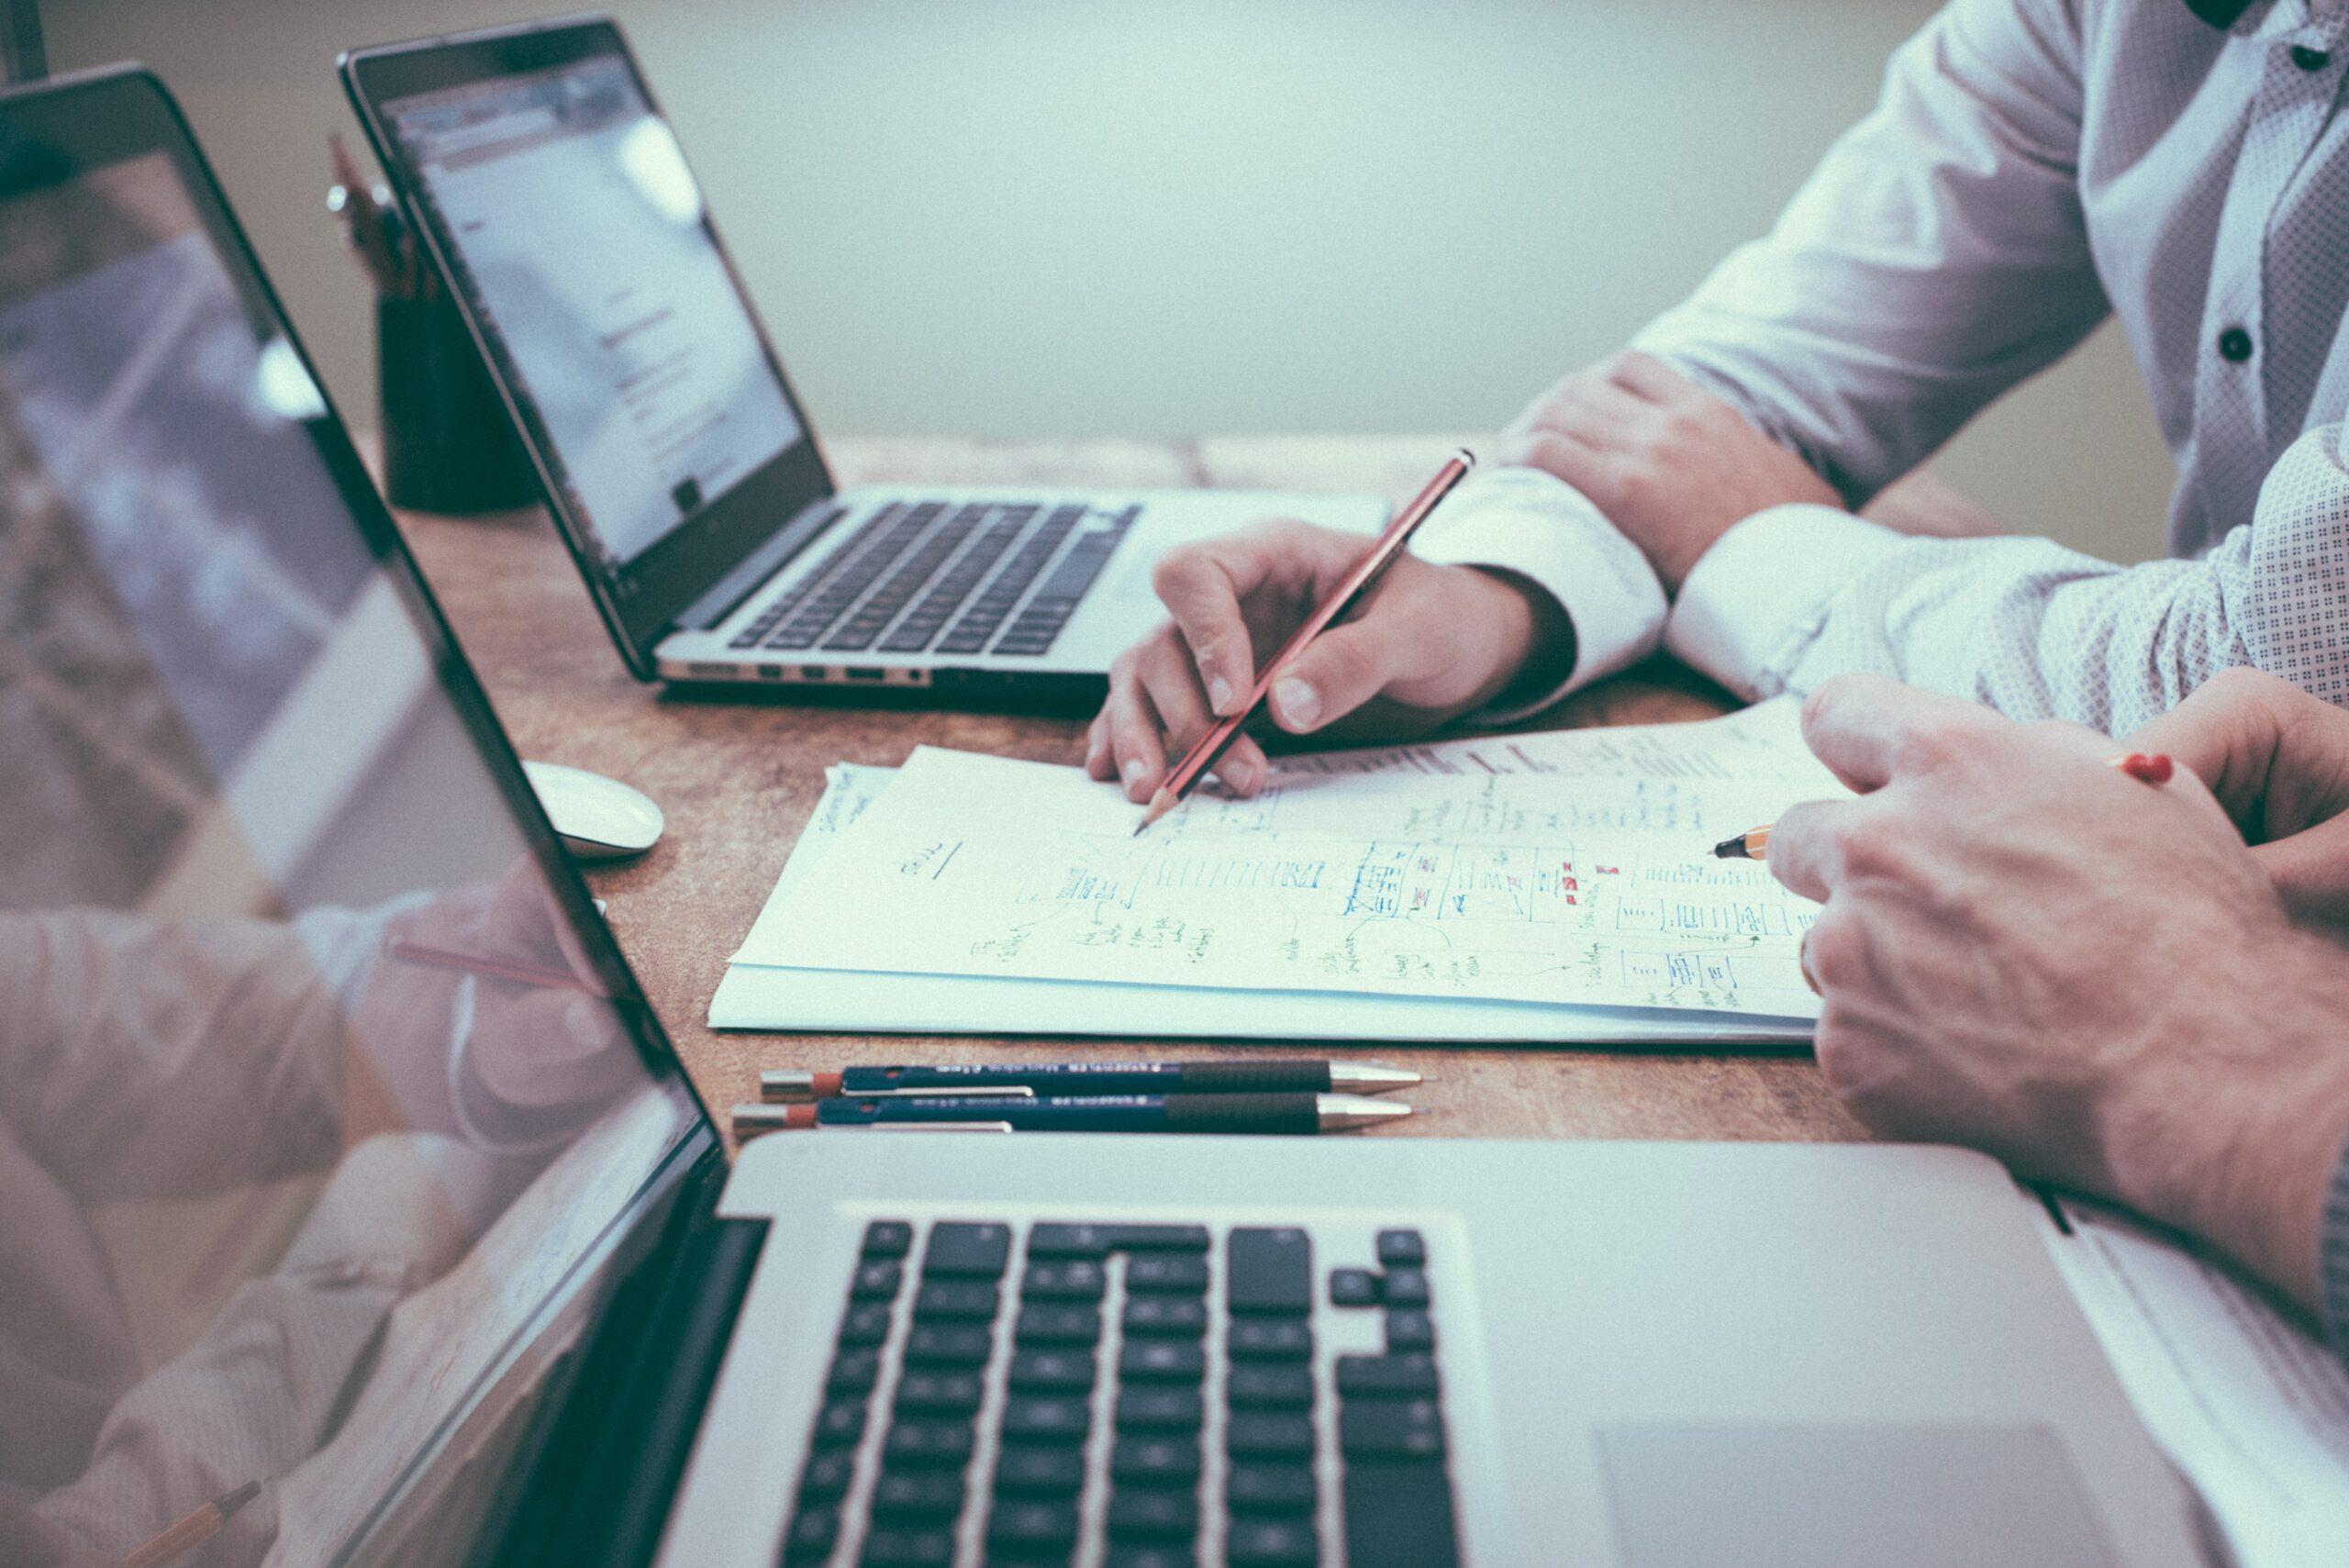 Dossierbeheerder Verzekeringen Productie – Vrije beroepen